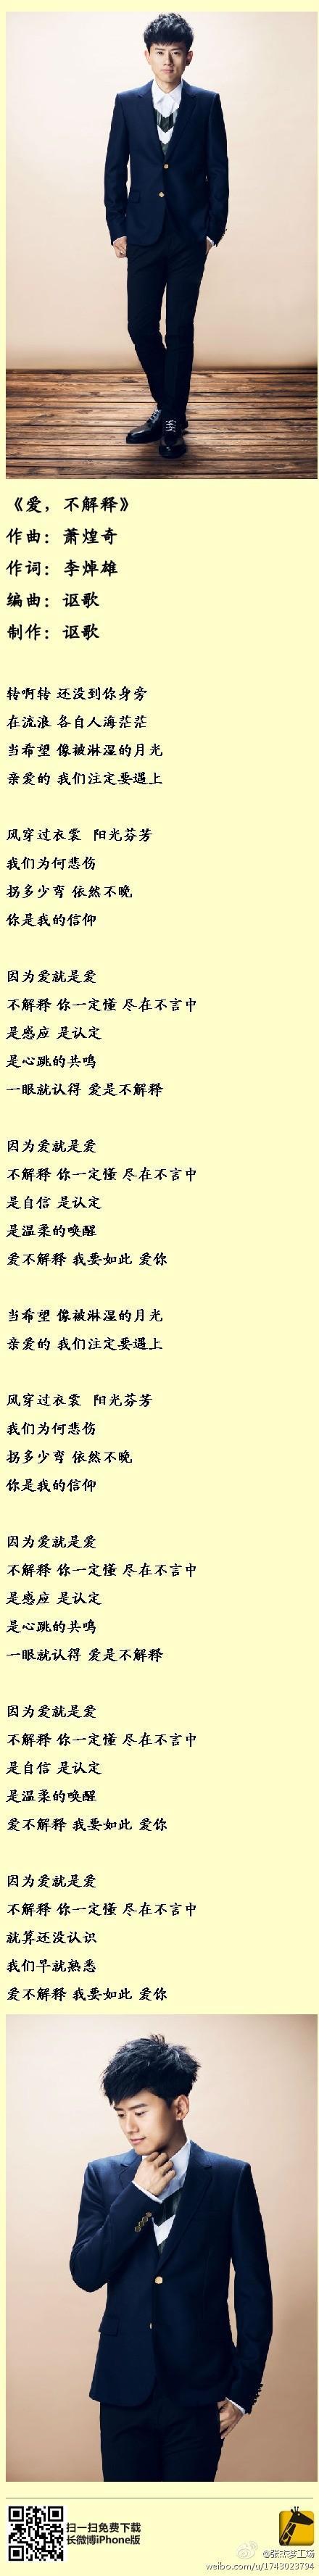 征途-张杰(MP3歌词/LRC歌词) lrc歌词下载 第1张